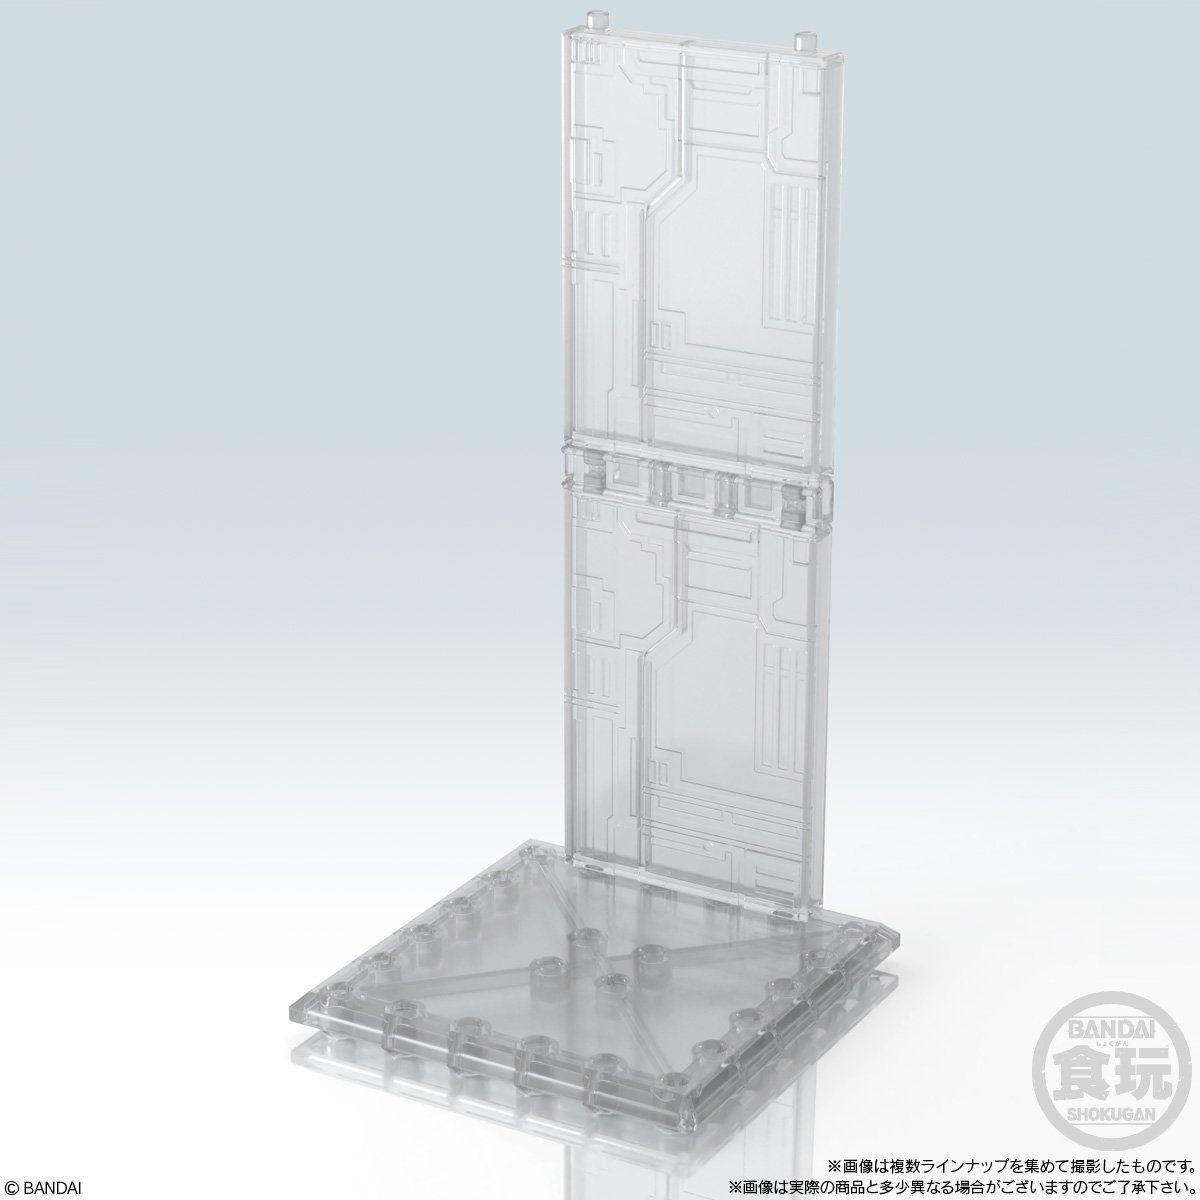 【食玩】『食玩ベース』18個入りBOX-009